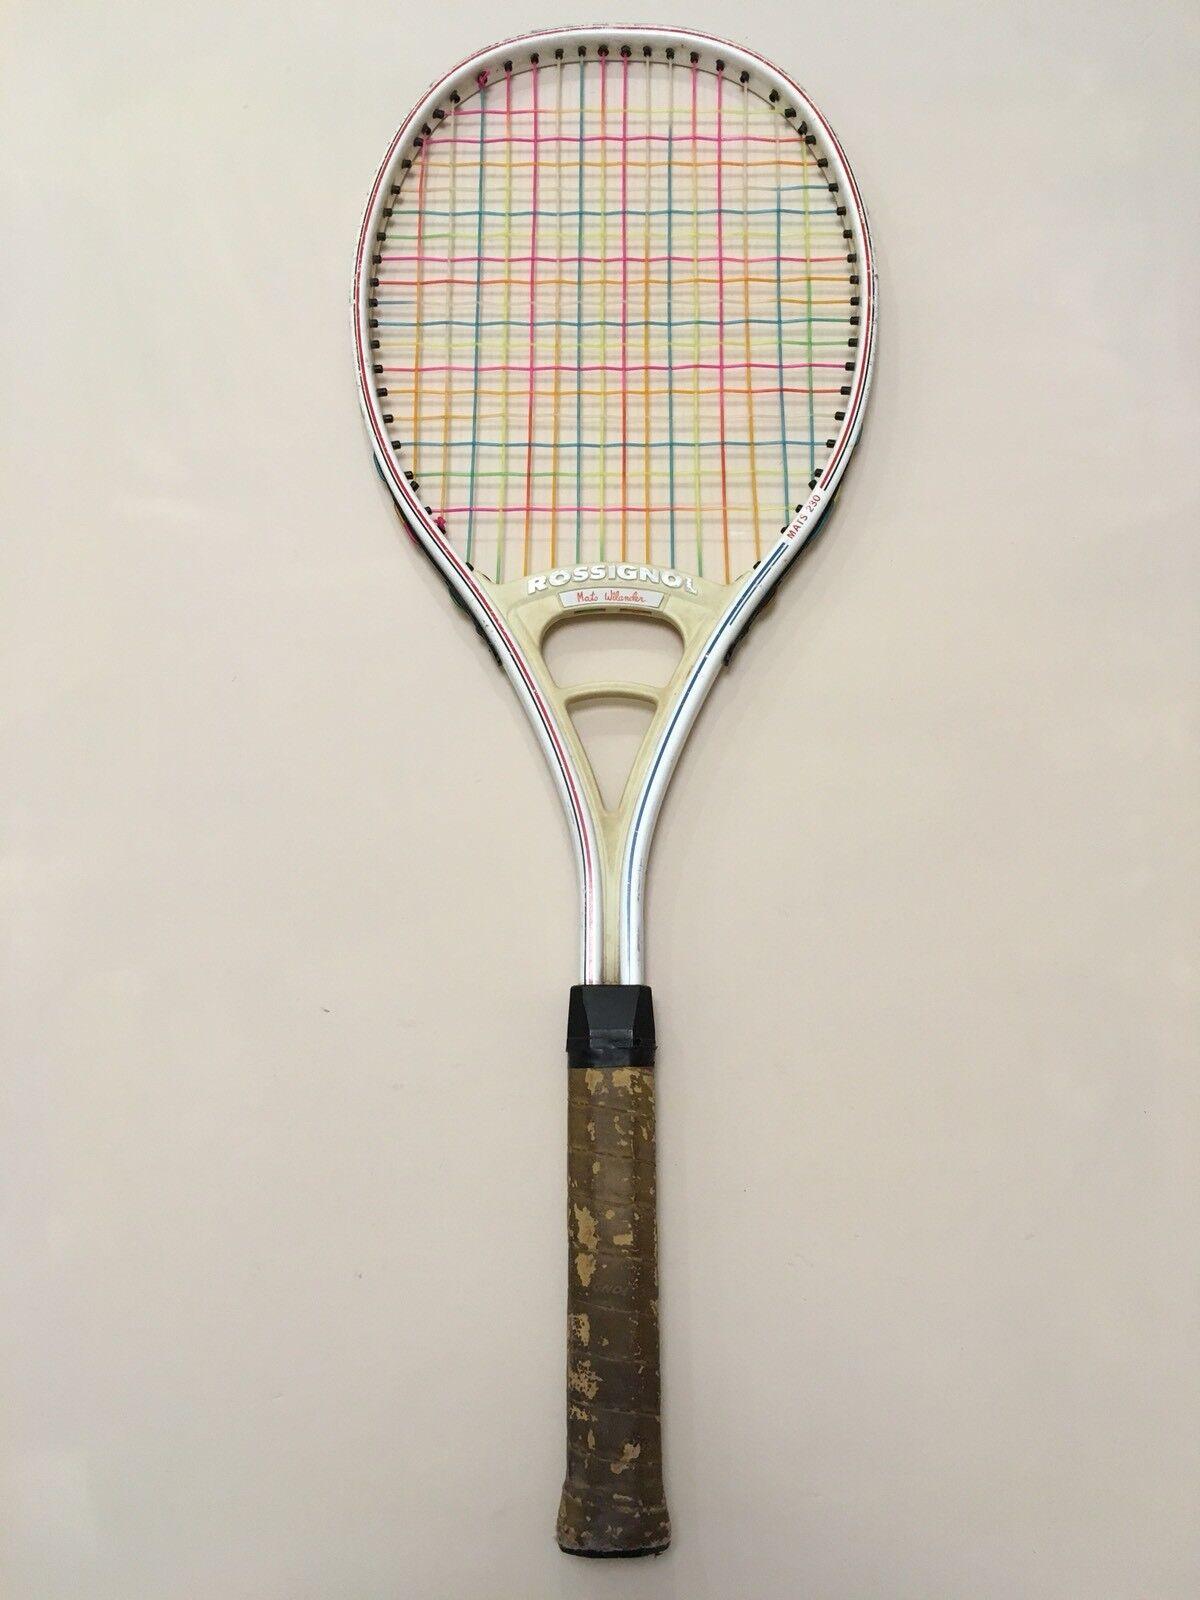 ROSSIGNOL MATS 230 230 230 WILANDER Racchetta Tennis Racket vintage 9b7358